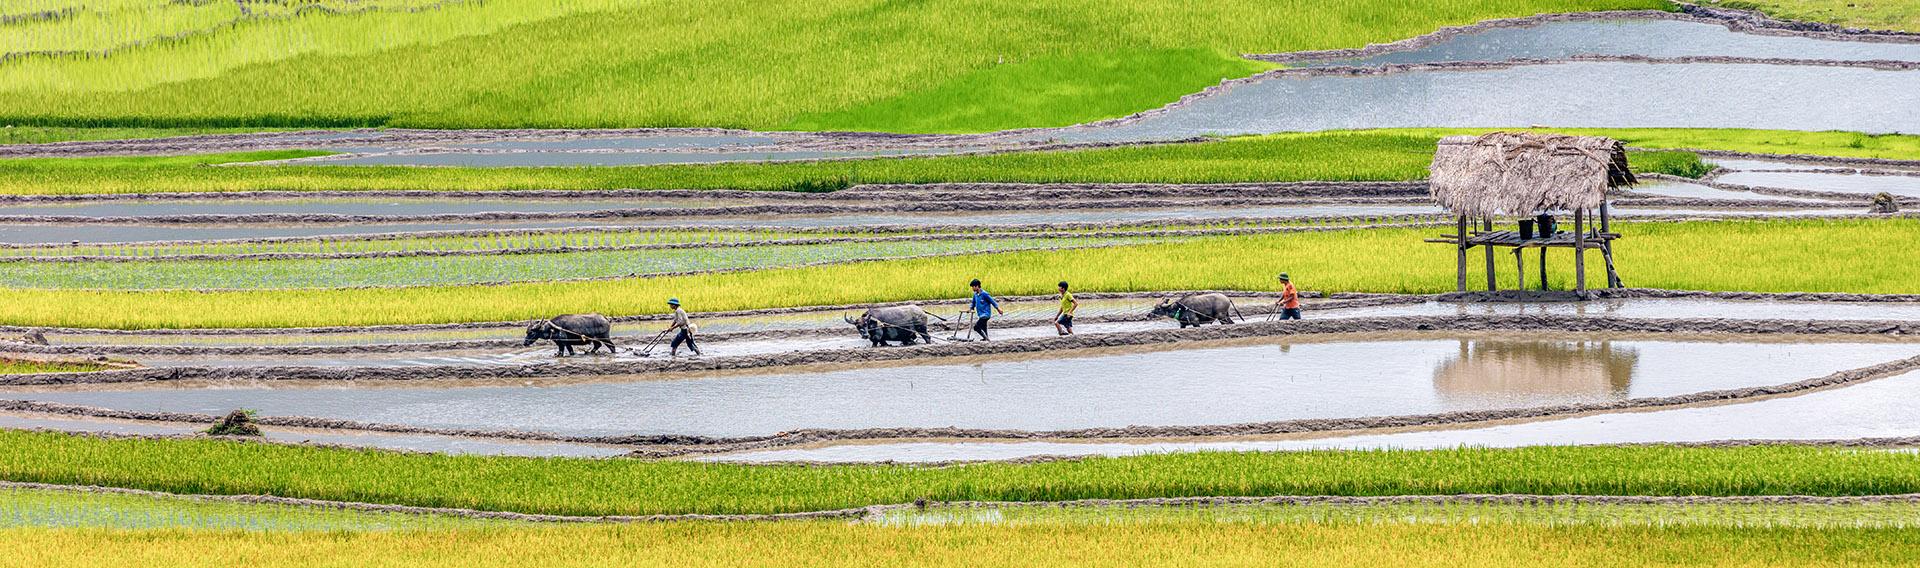 Vietnam, Mai Chau, Reisfeld, Wasserbüffel